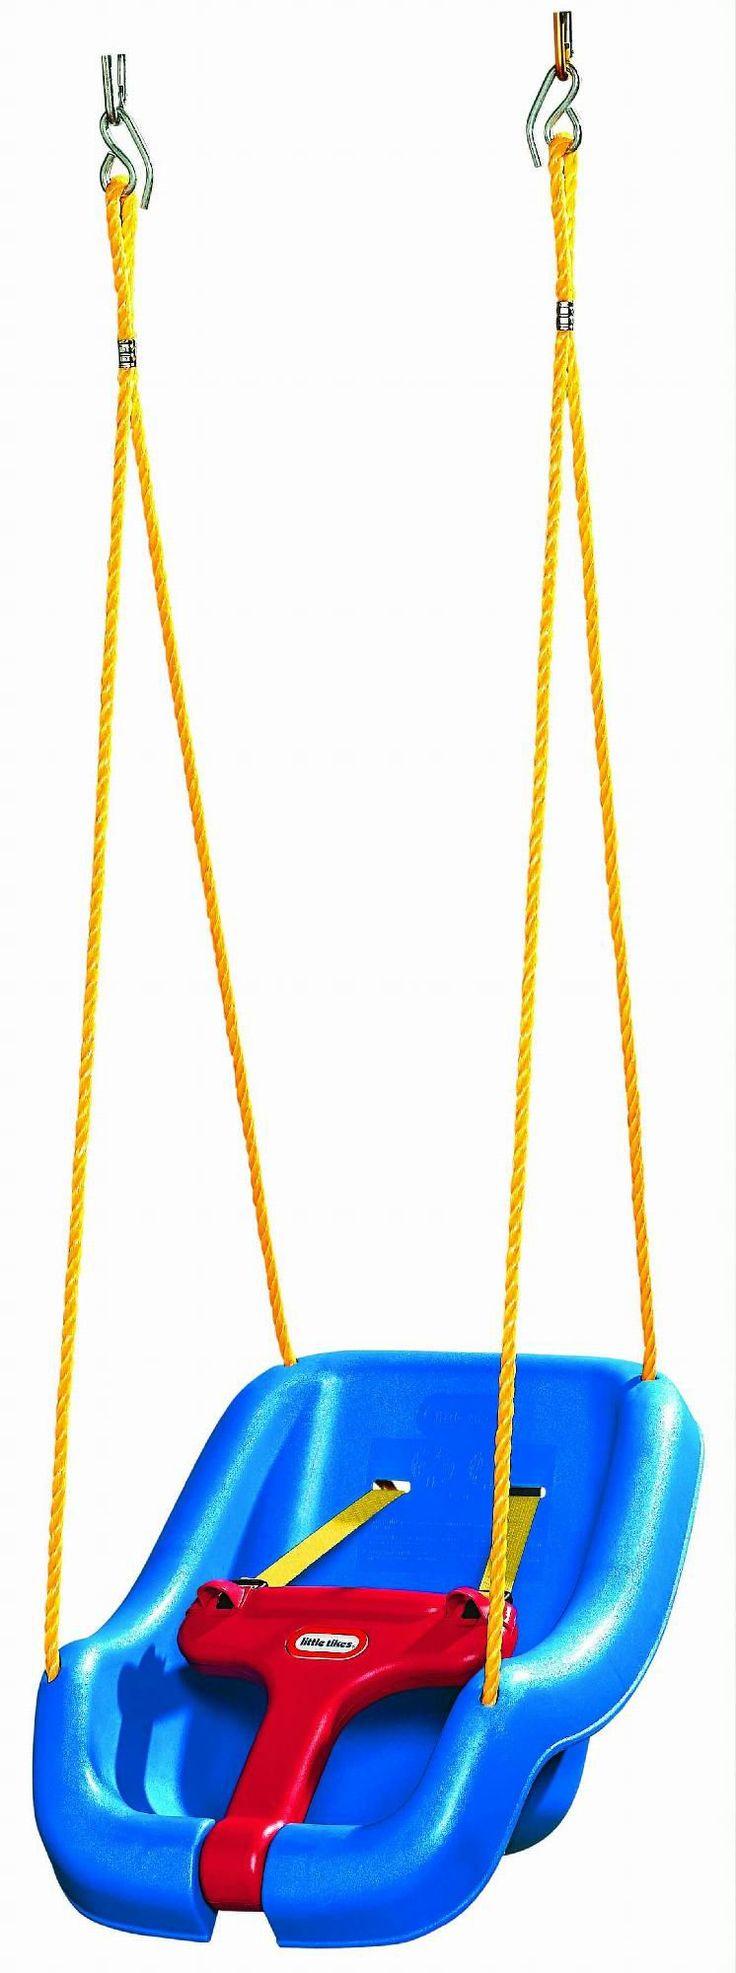 Little Tikes Snug N Secure 2 In 1 Outdoor Baby Swing